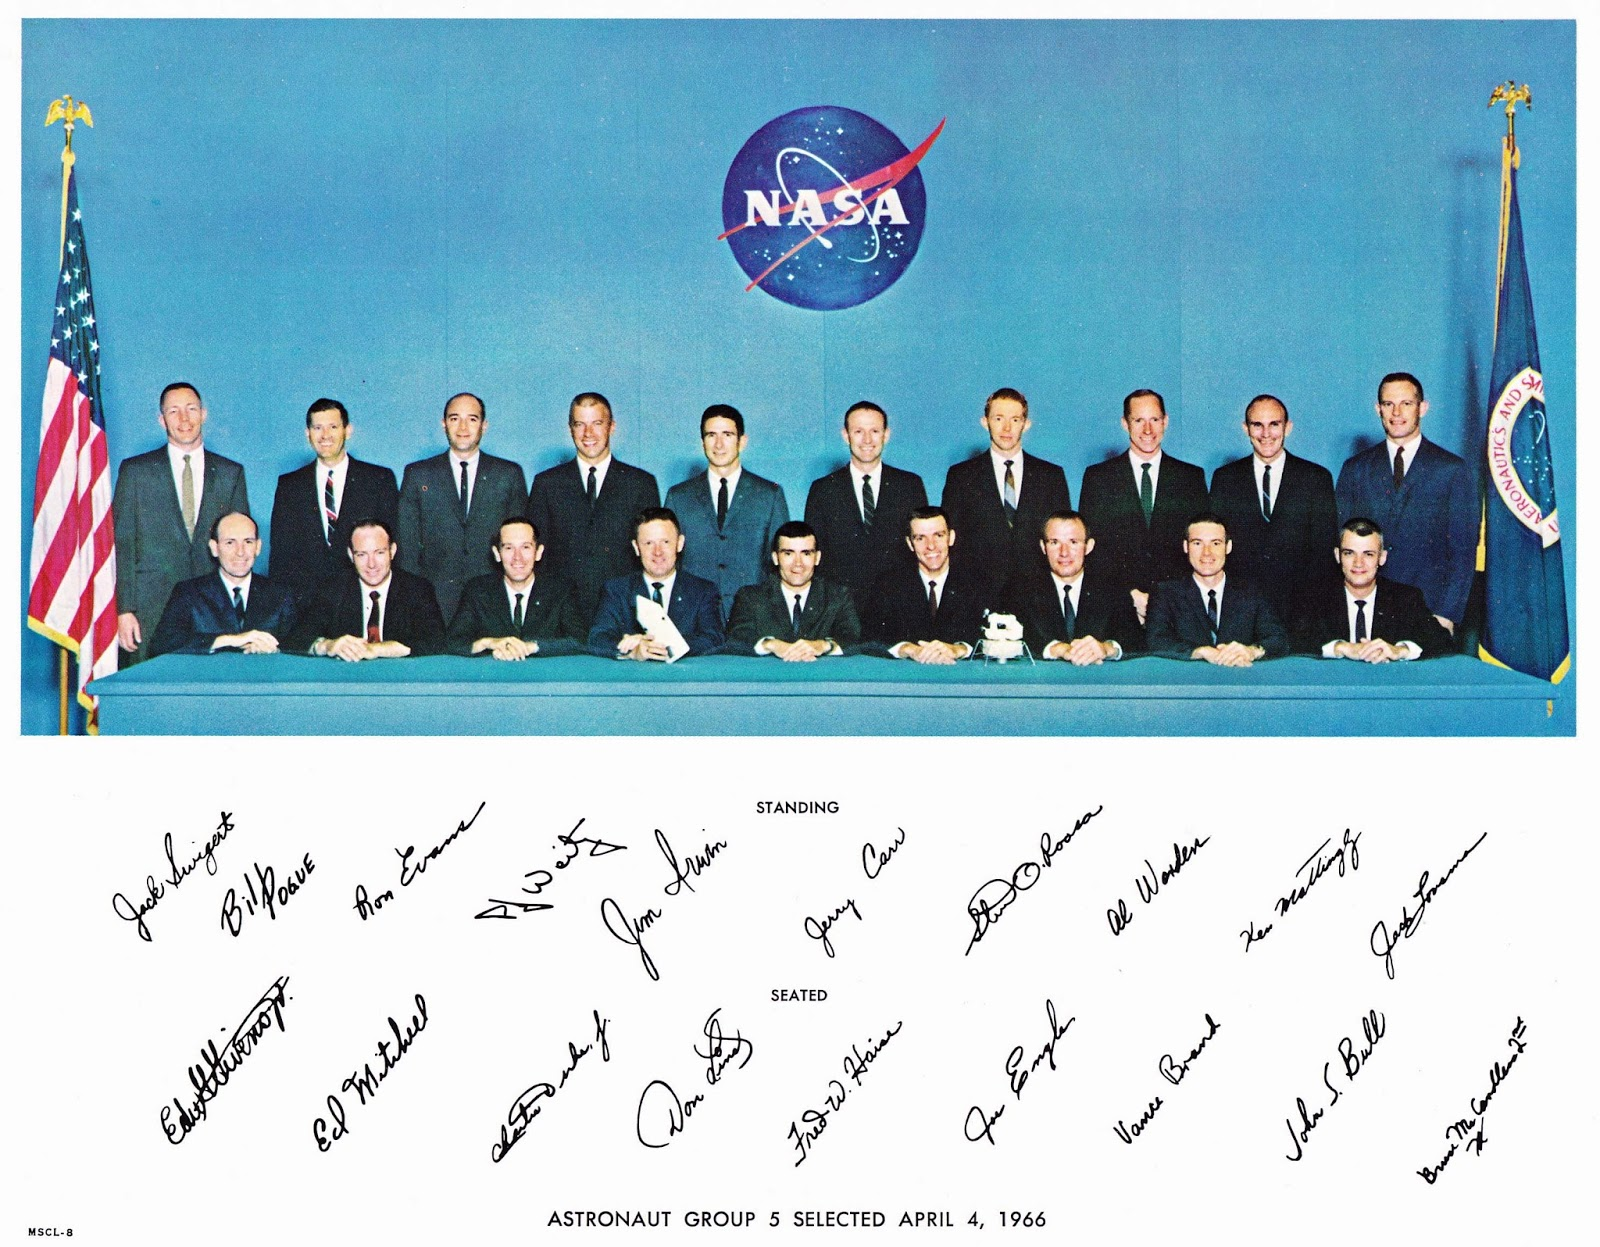 Apollo 13 Quotes Awesome space quotes / souvenirs d'espace: disparition de l'astronaute